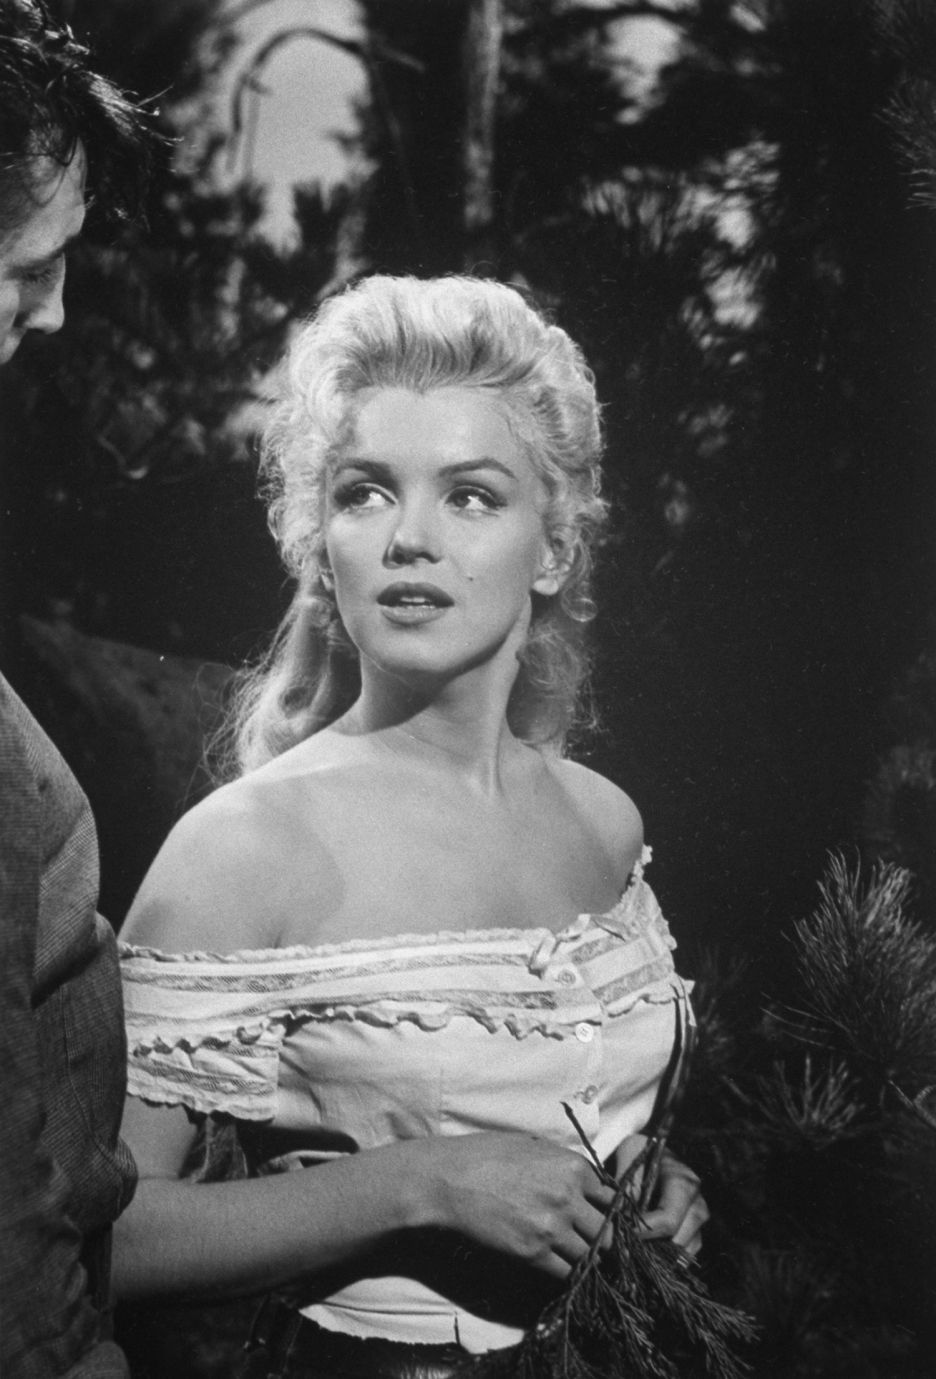 36. Marilyn Monroe 36. Marilyn Monroe new images